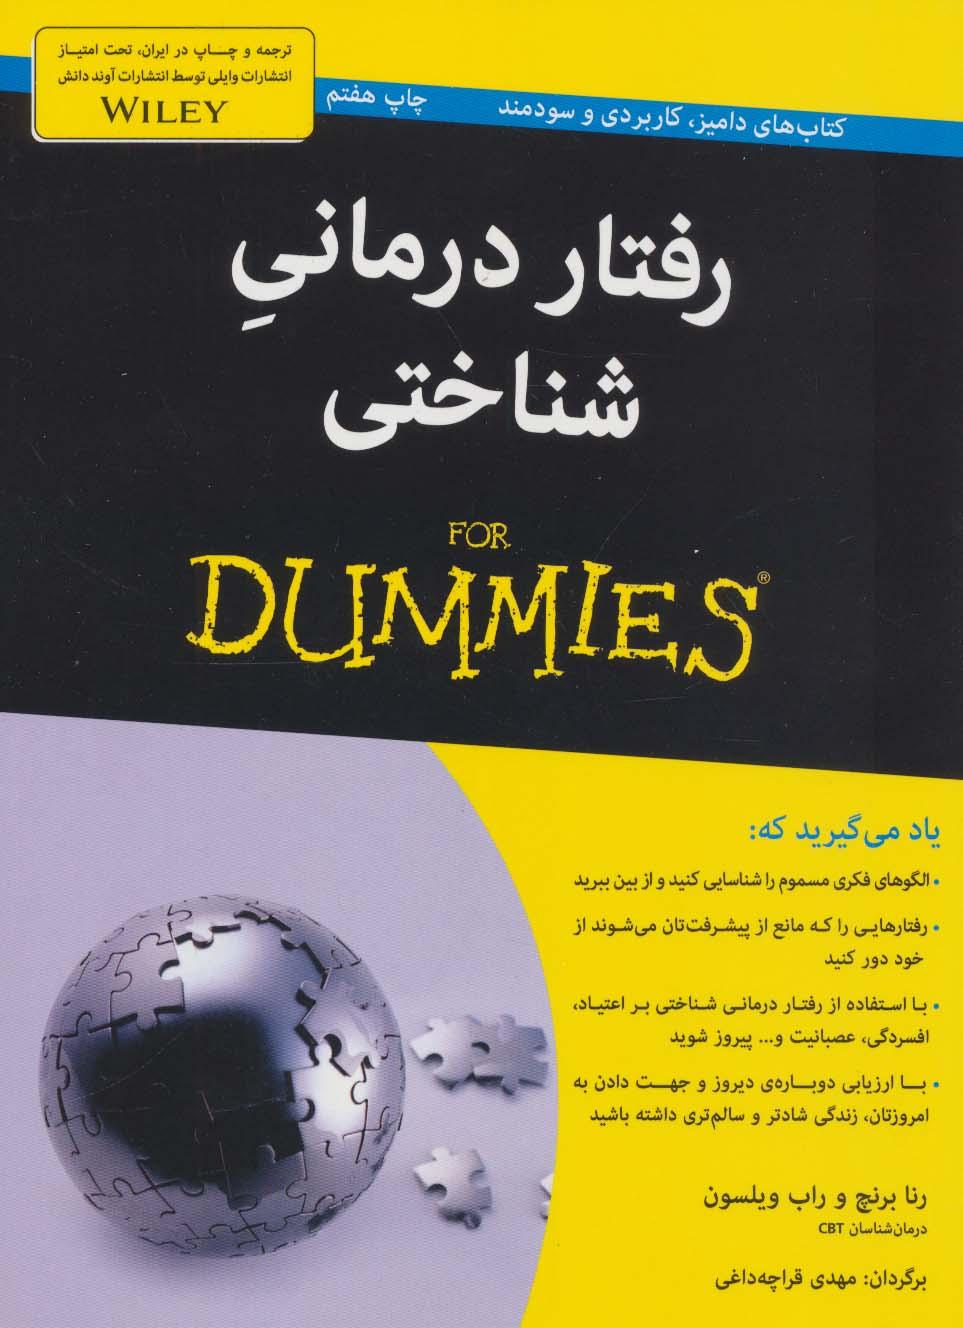 کتاب های دامیز (رفتار درمانی شناختی)